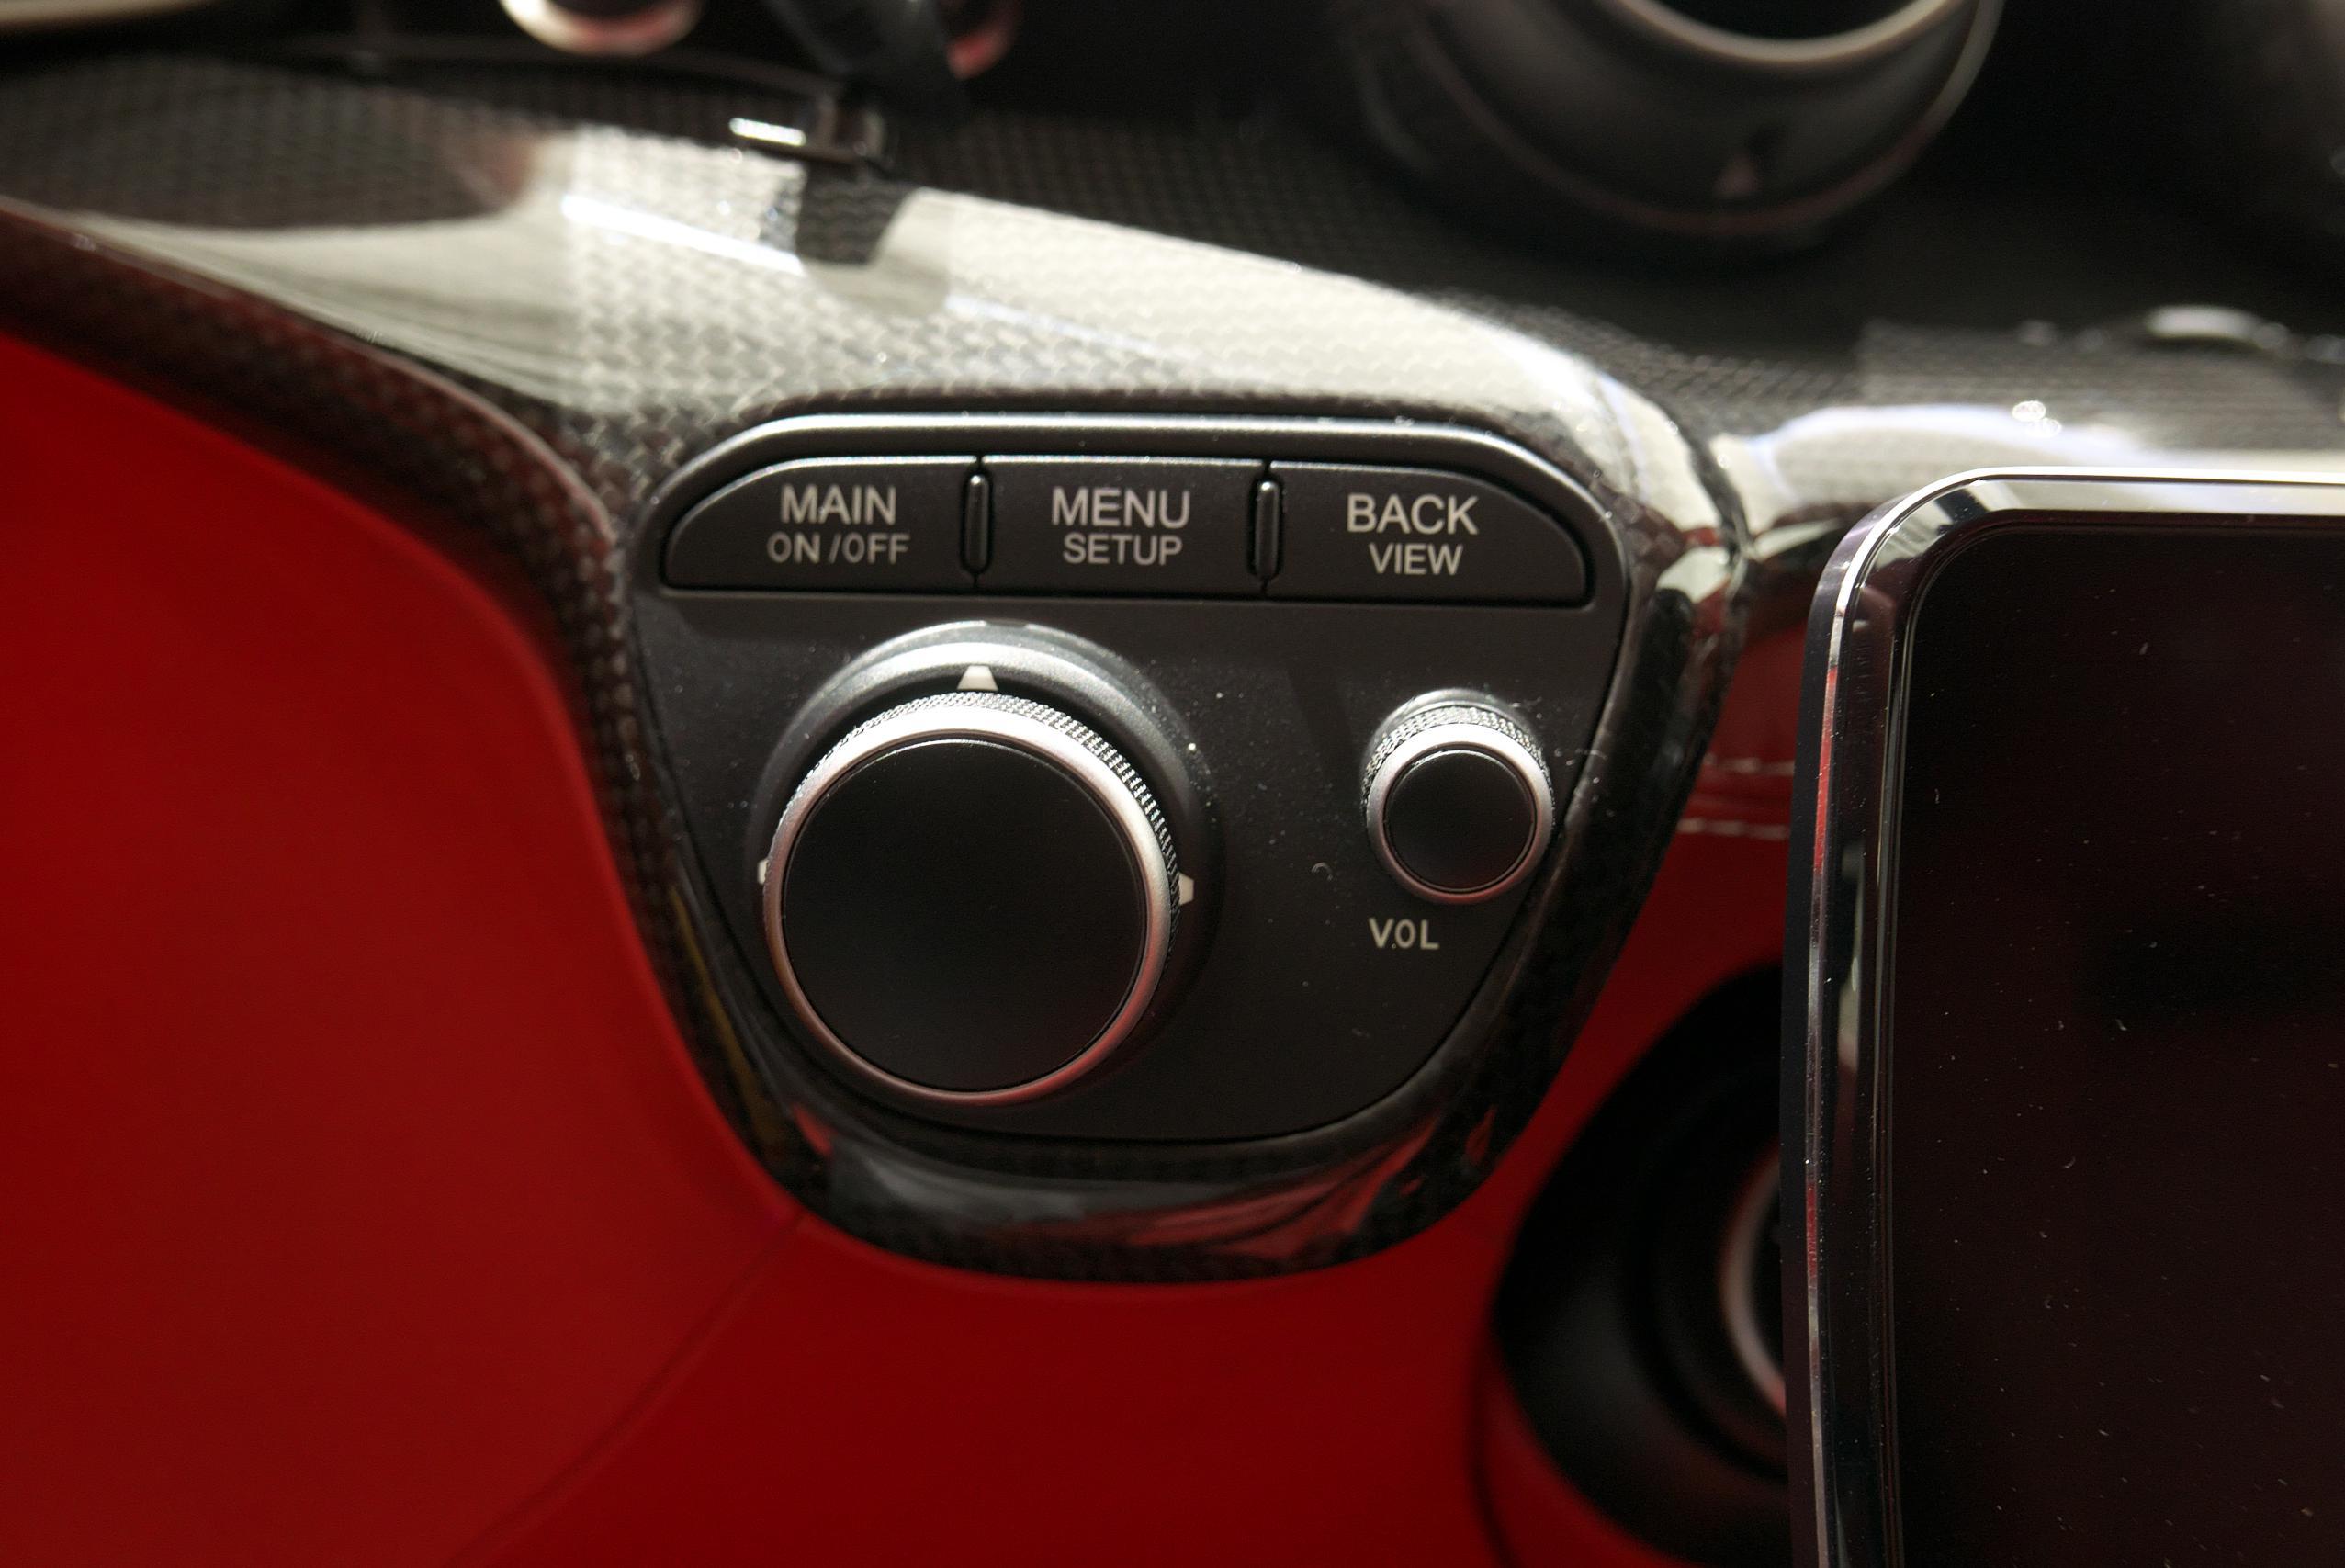 フェラーリ F12 ベルリネッタ メニューボタン